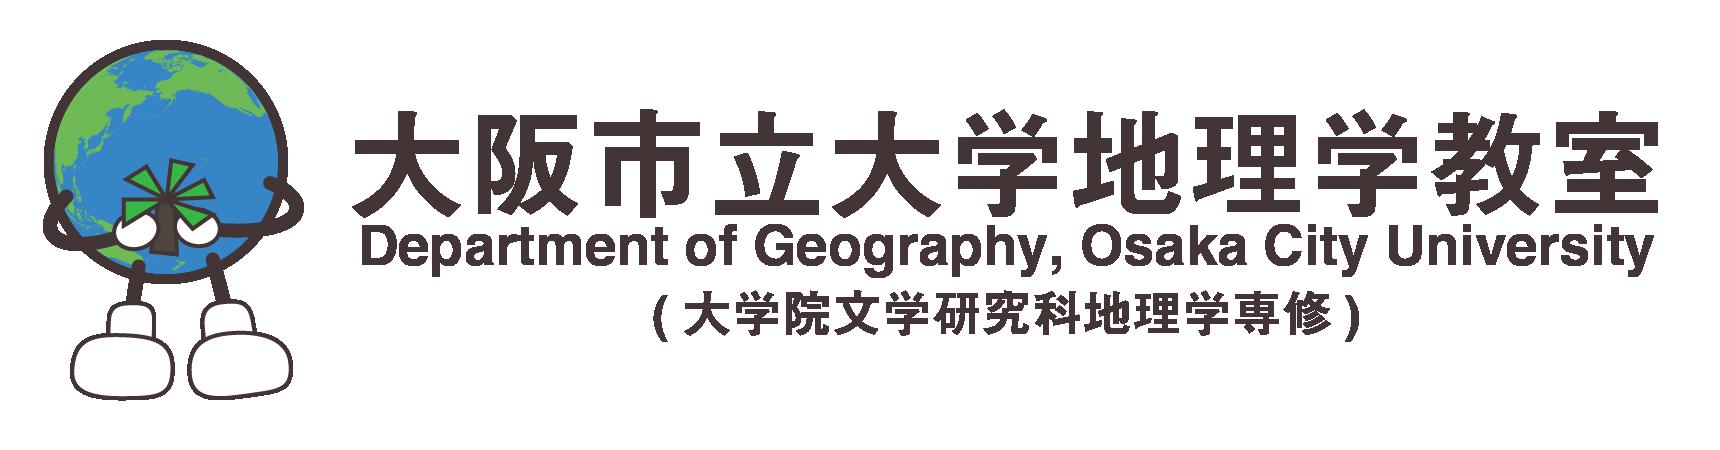 大阪市立大学 地理学教室